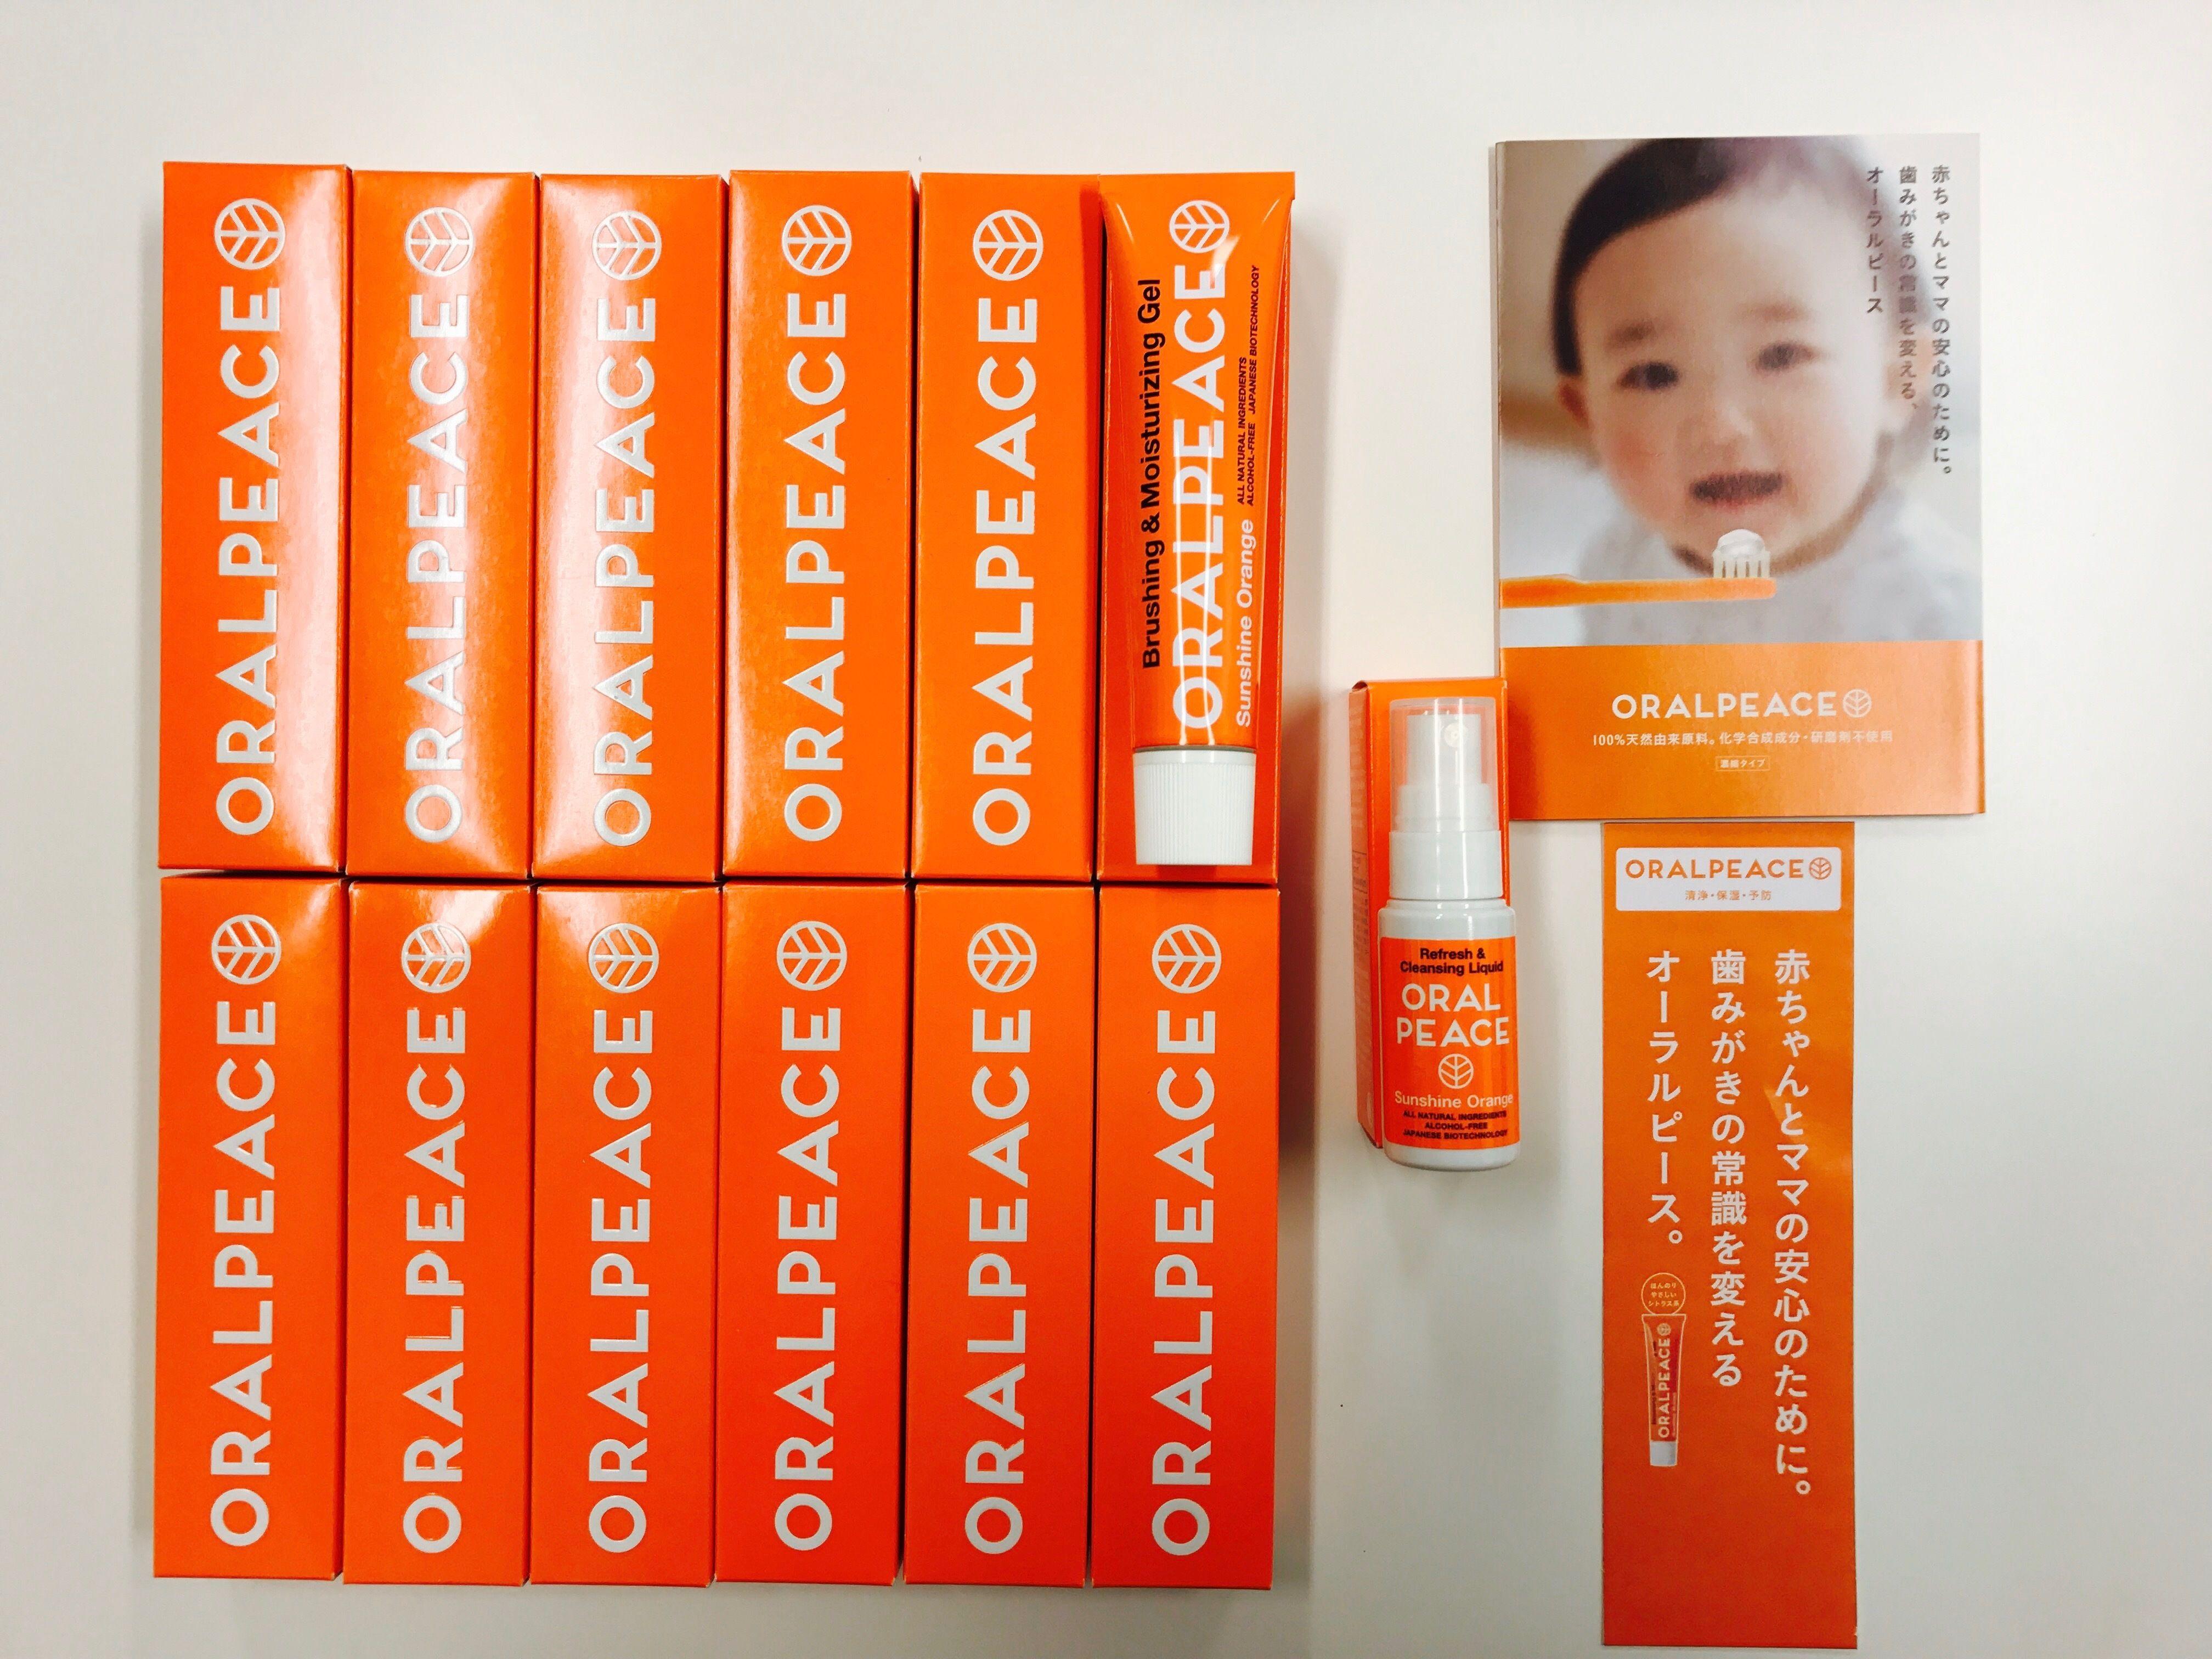 【お徳!!1本おまけ付!!】オーラルピース サンシャインオレンジ 歯みがき&口腔ケアジェル12本セット